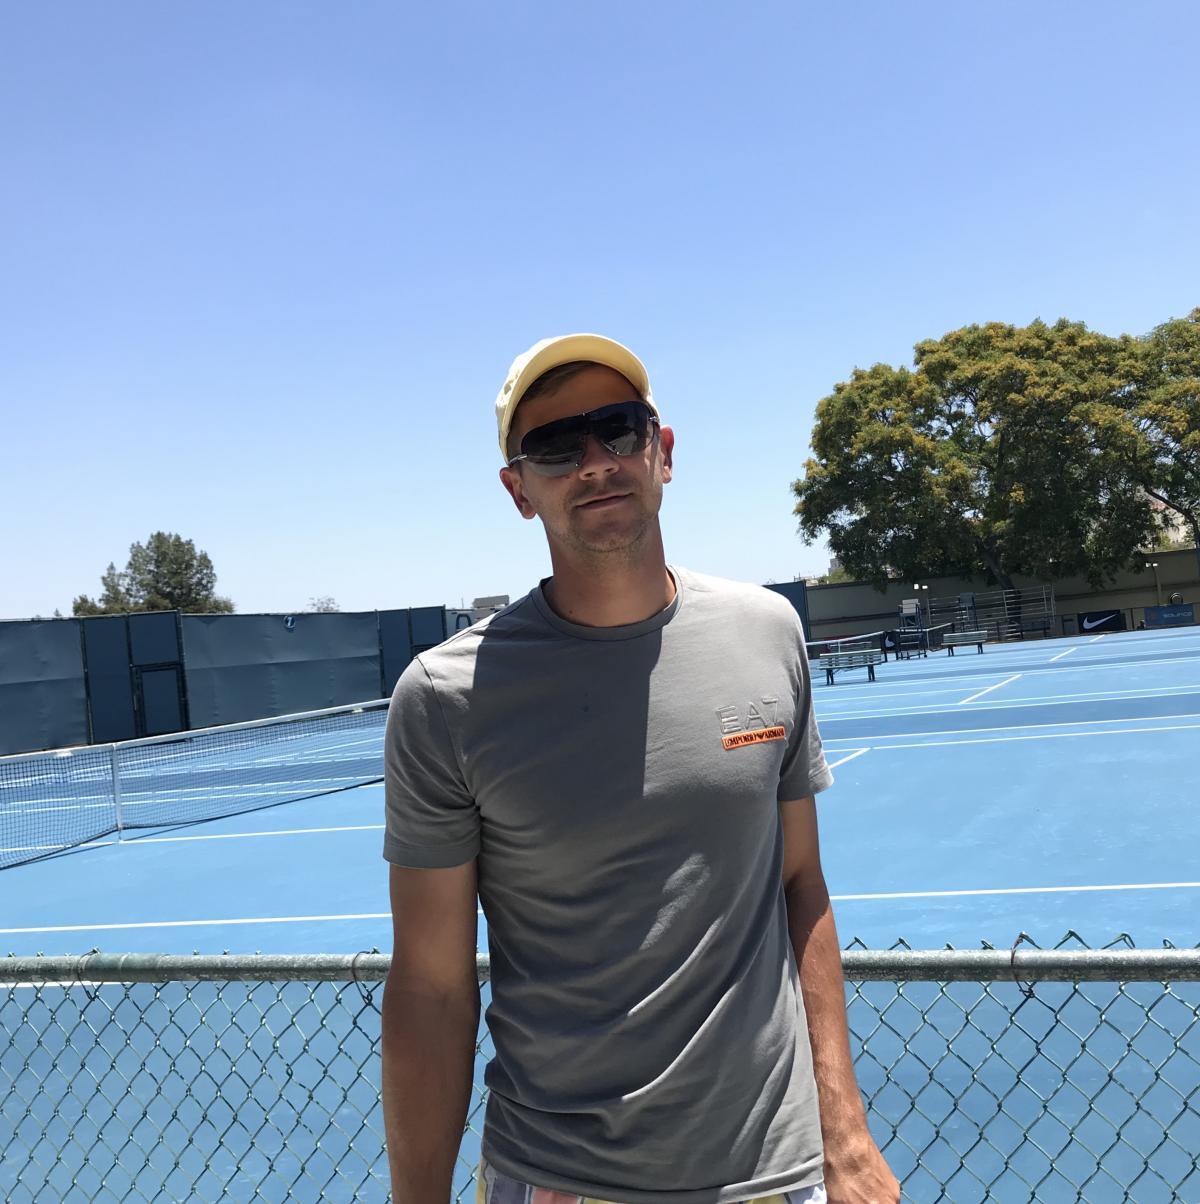 Дмитрий Гуричев верит в успешное будущее молодых украинских теннисистов